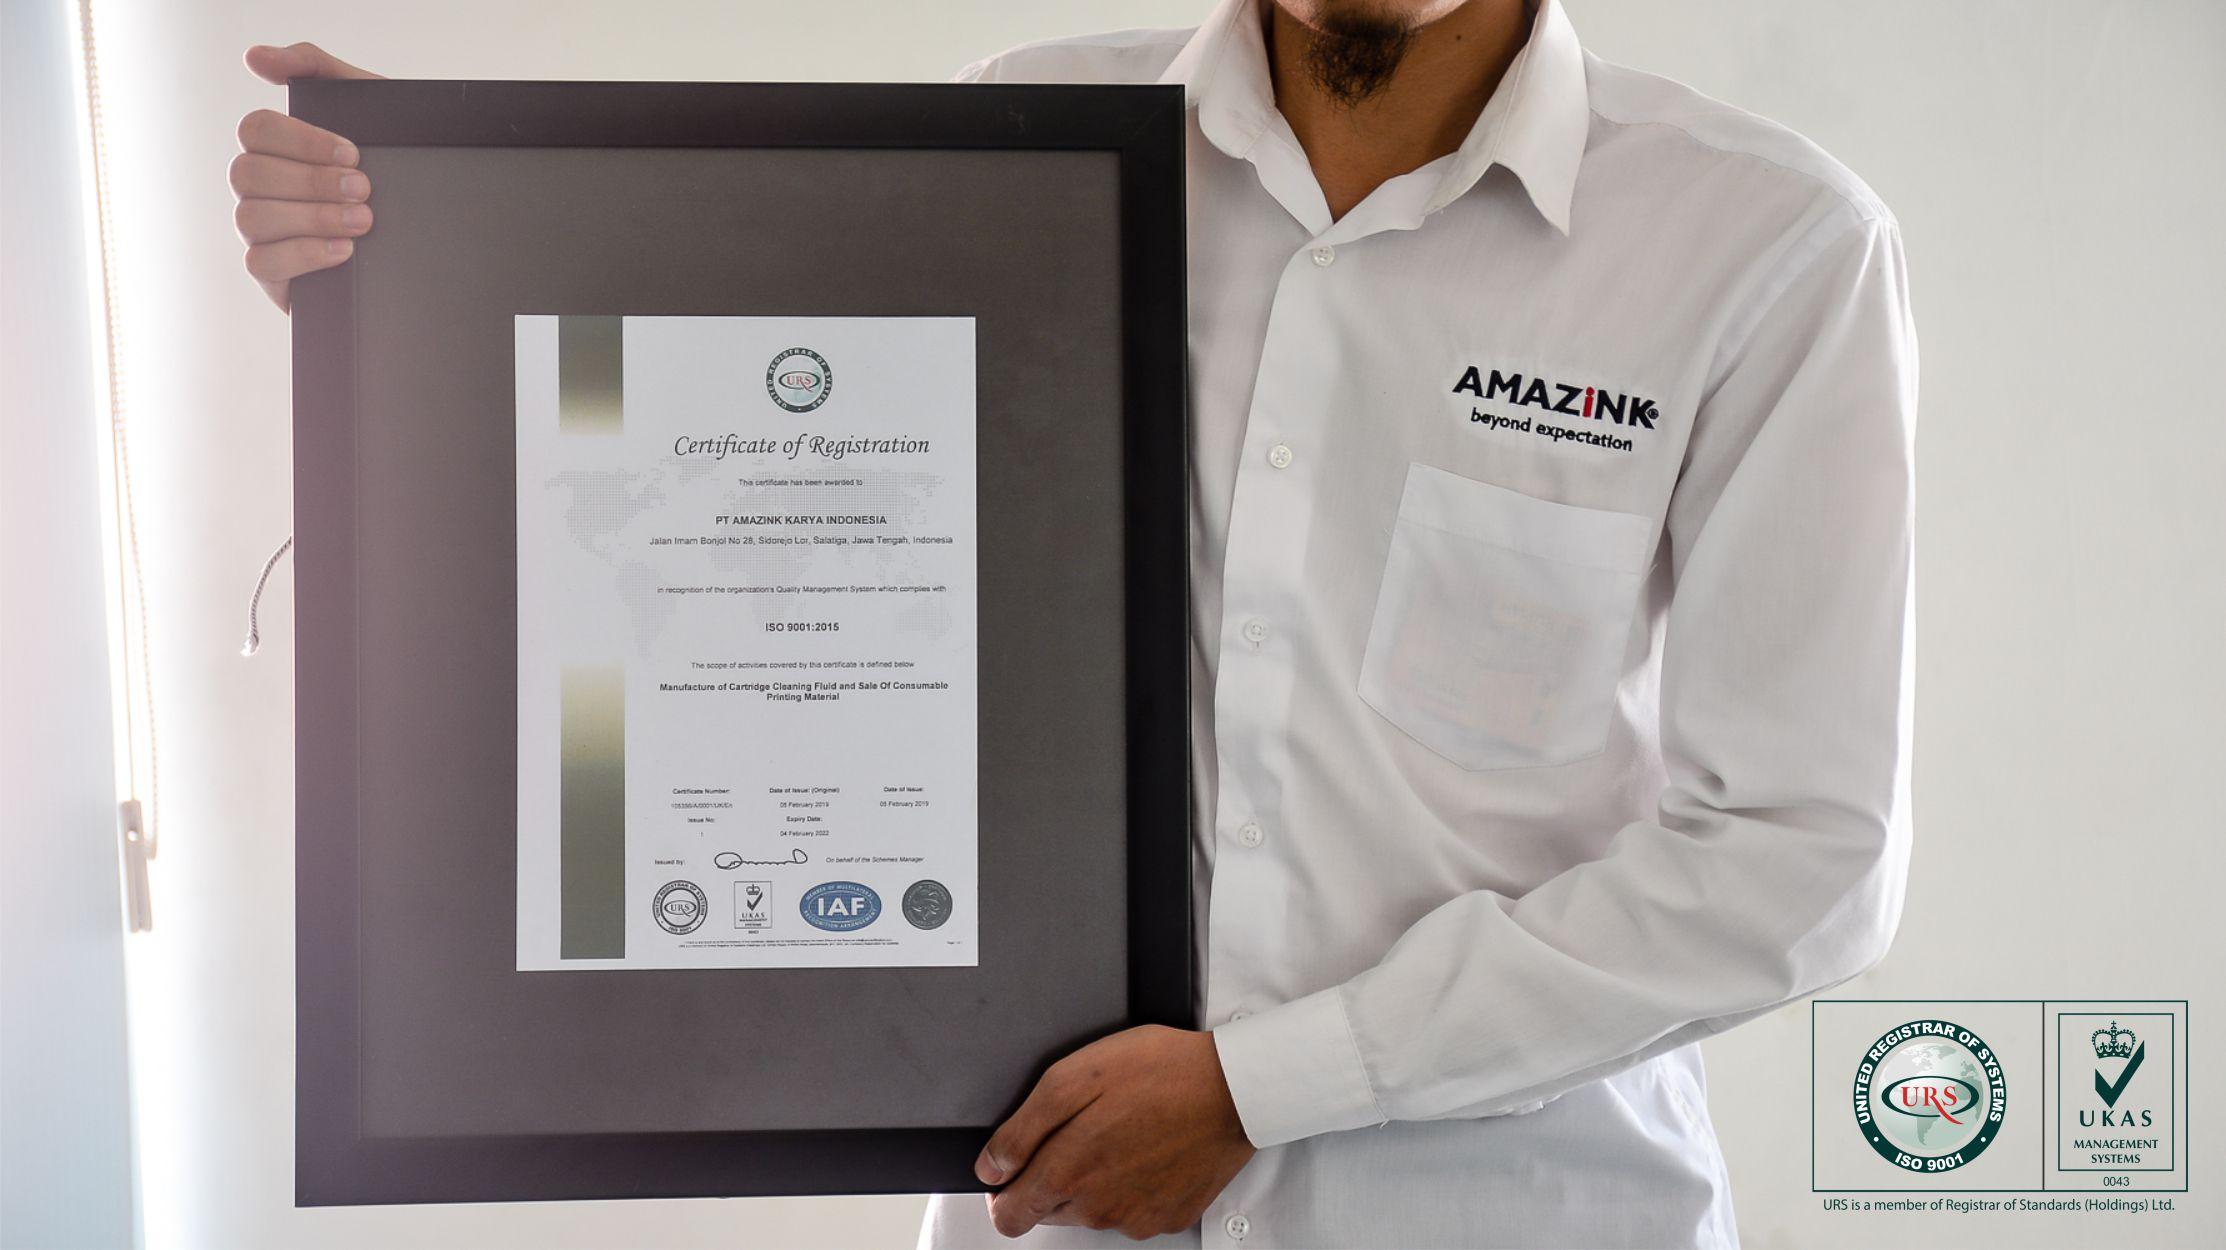 AMAZiNK Mendapatkan Sertifikasi ISO 9001 : 2015